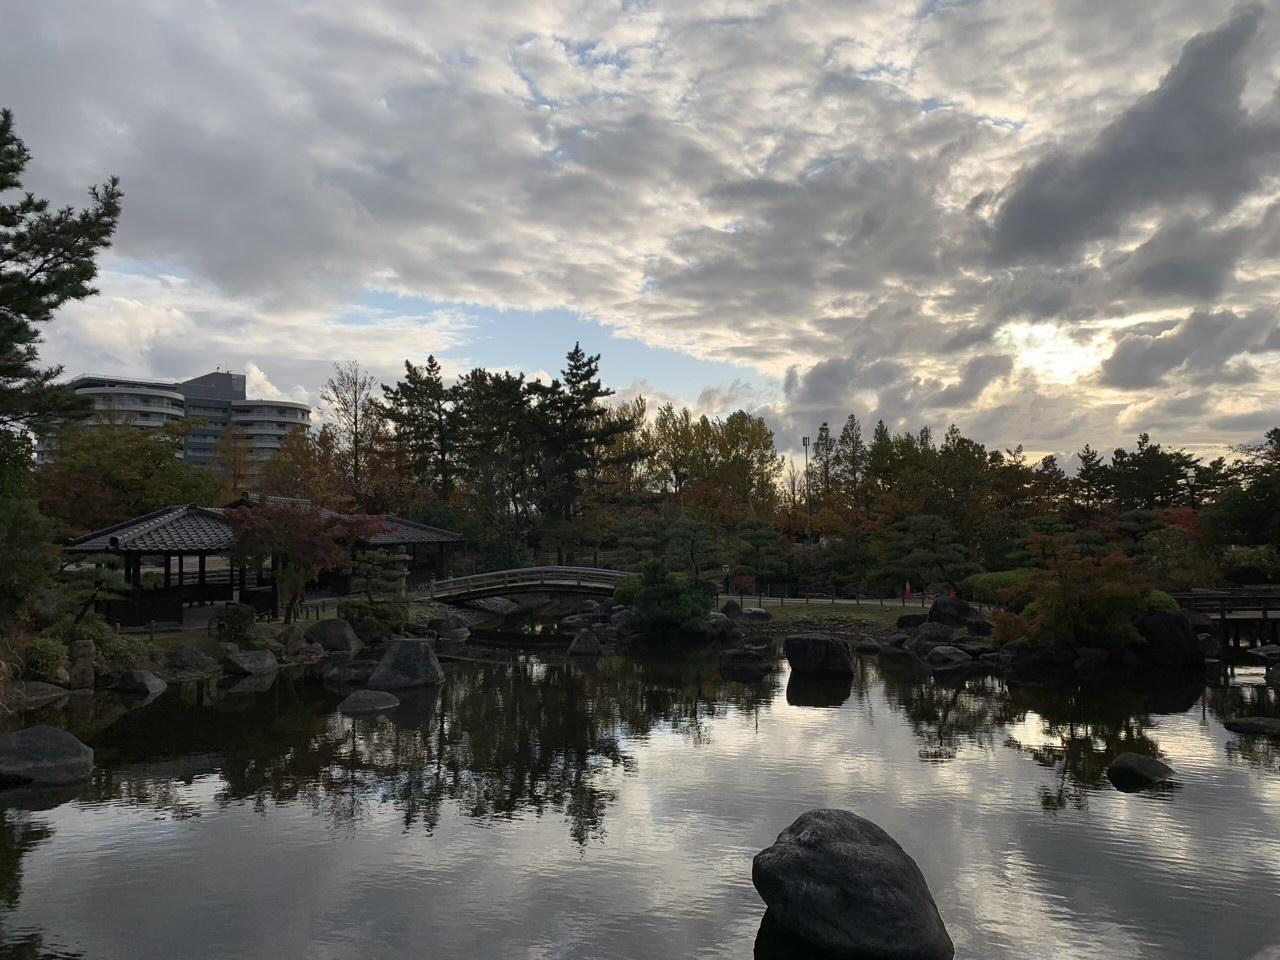 新潟県立鳥屋野潟公園の最大の見所「日本庭園」